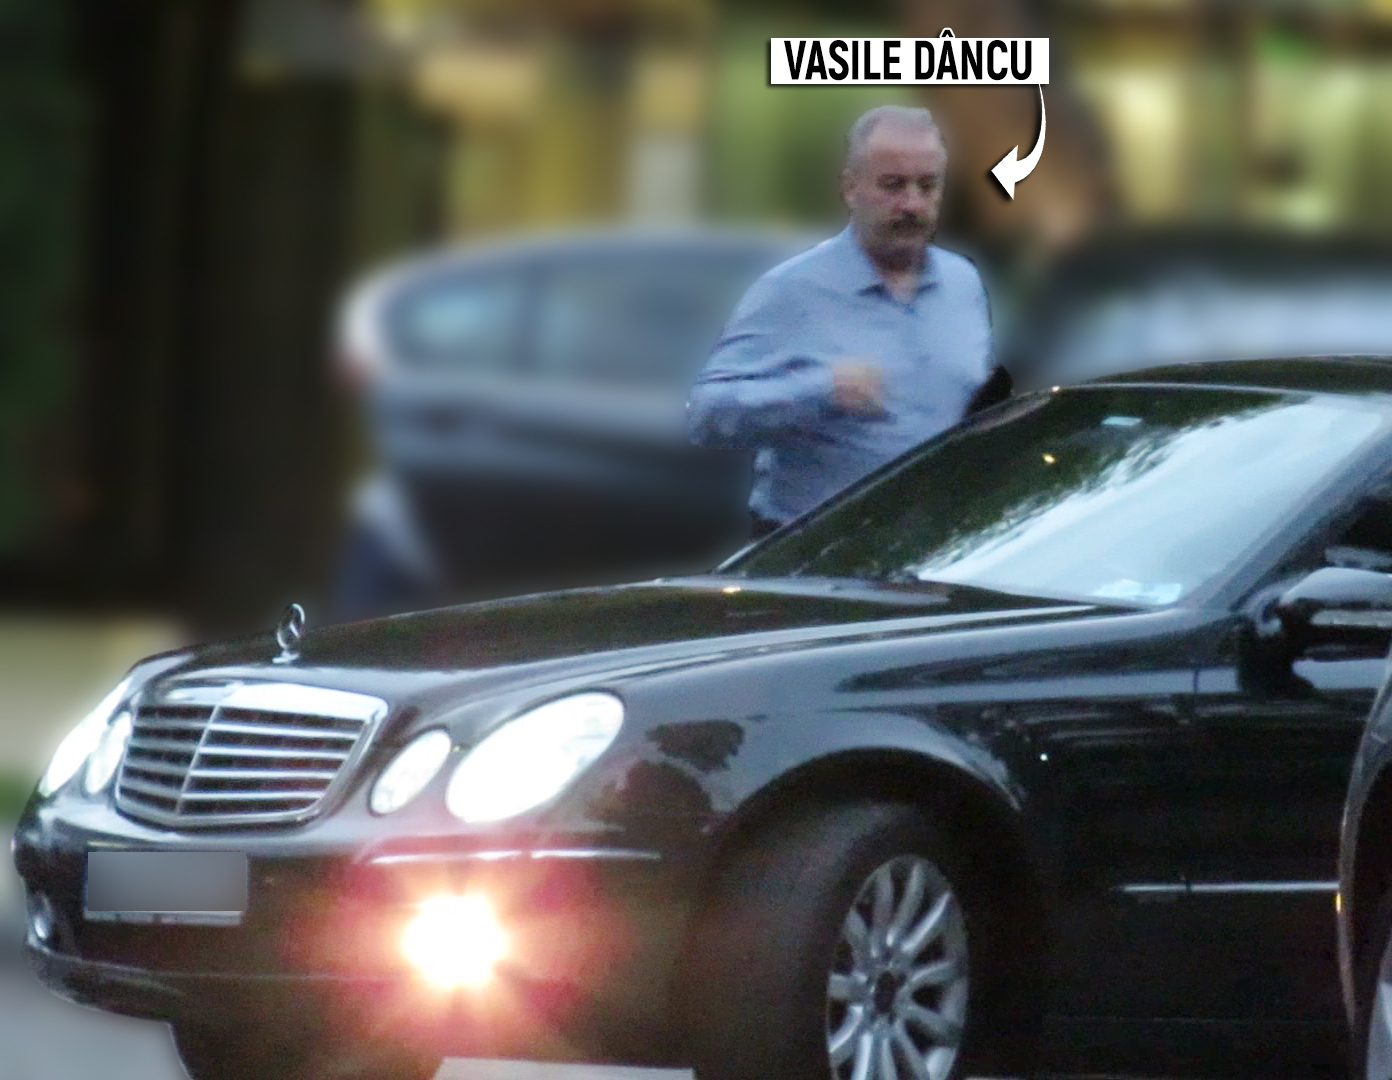 """Vasile Dâncu a fost considerat multă vreme """"eminenţa cenuşie"""" a PSD"""